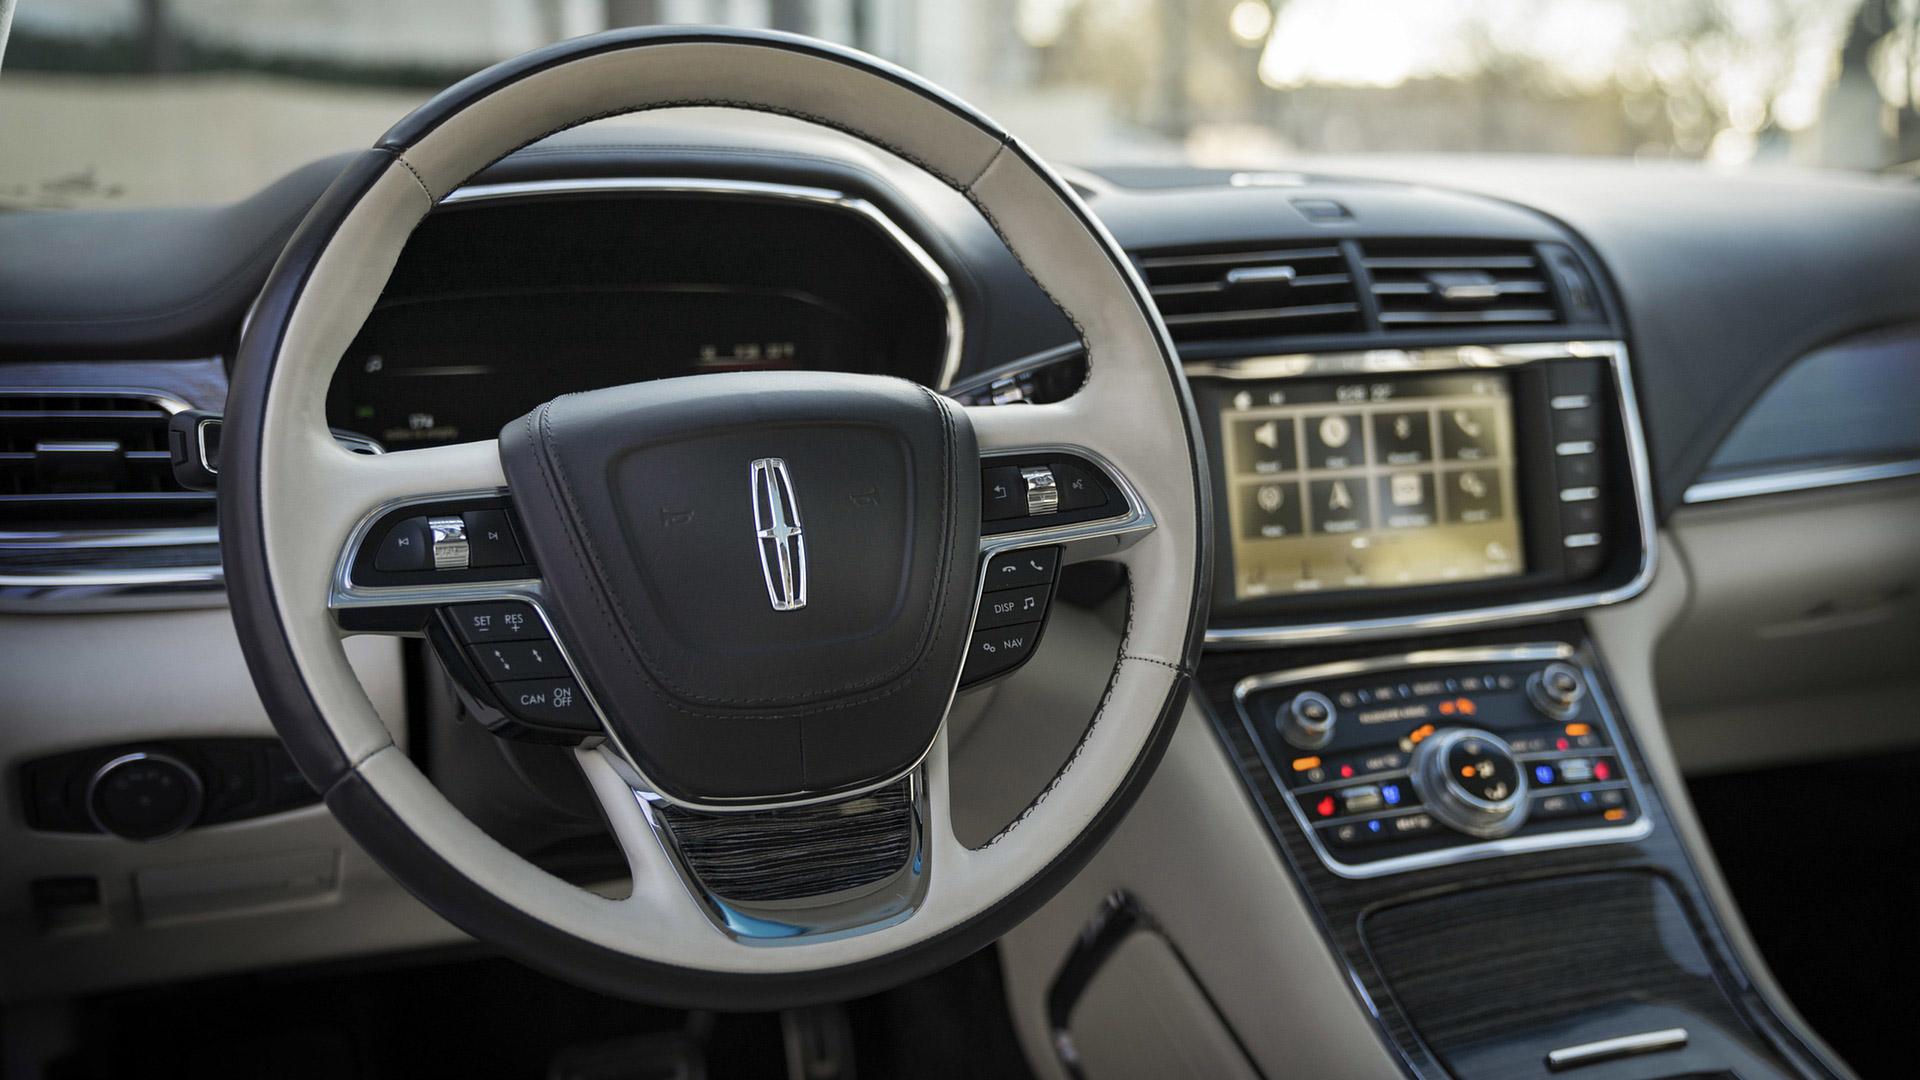 2019 Lincoln Continental Coach Door Edition Interior